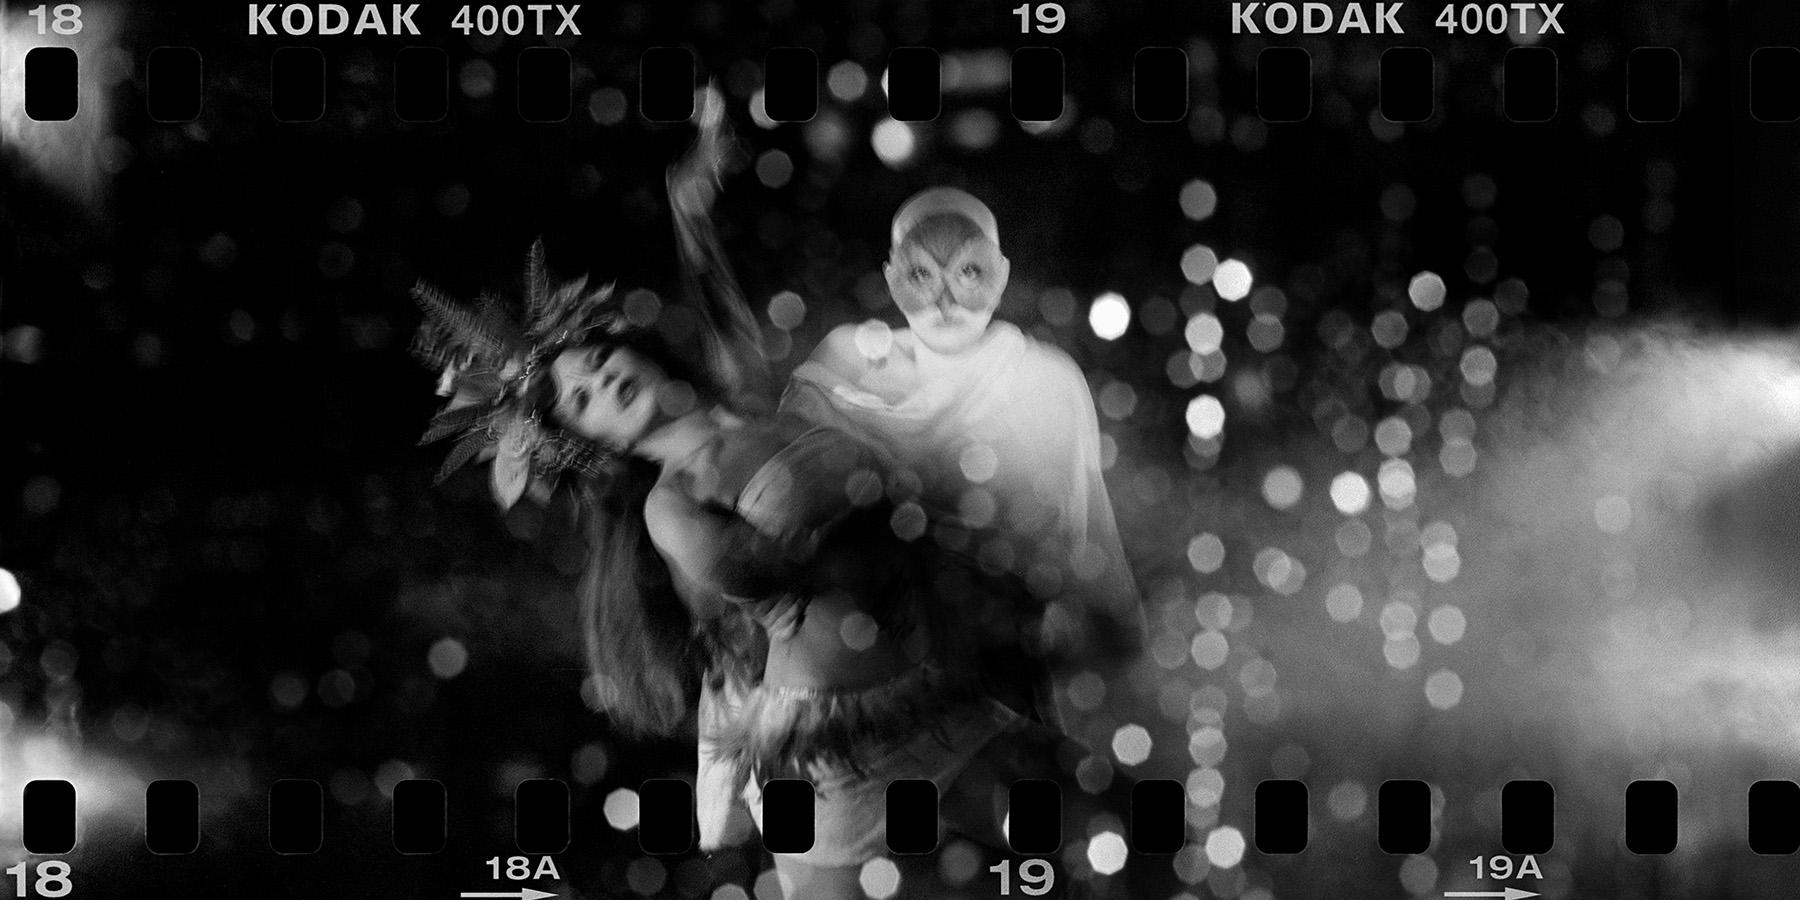 bessie_baudin_dance_with_spirits.jpg